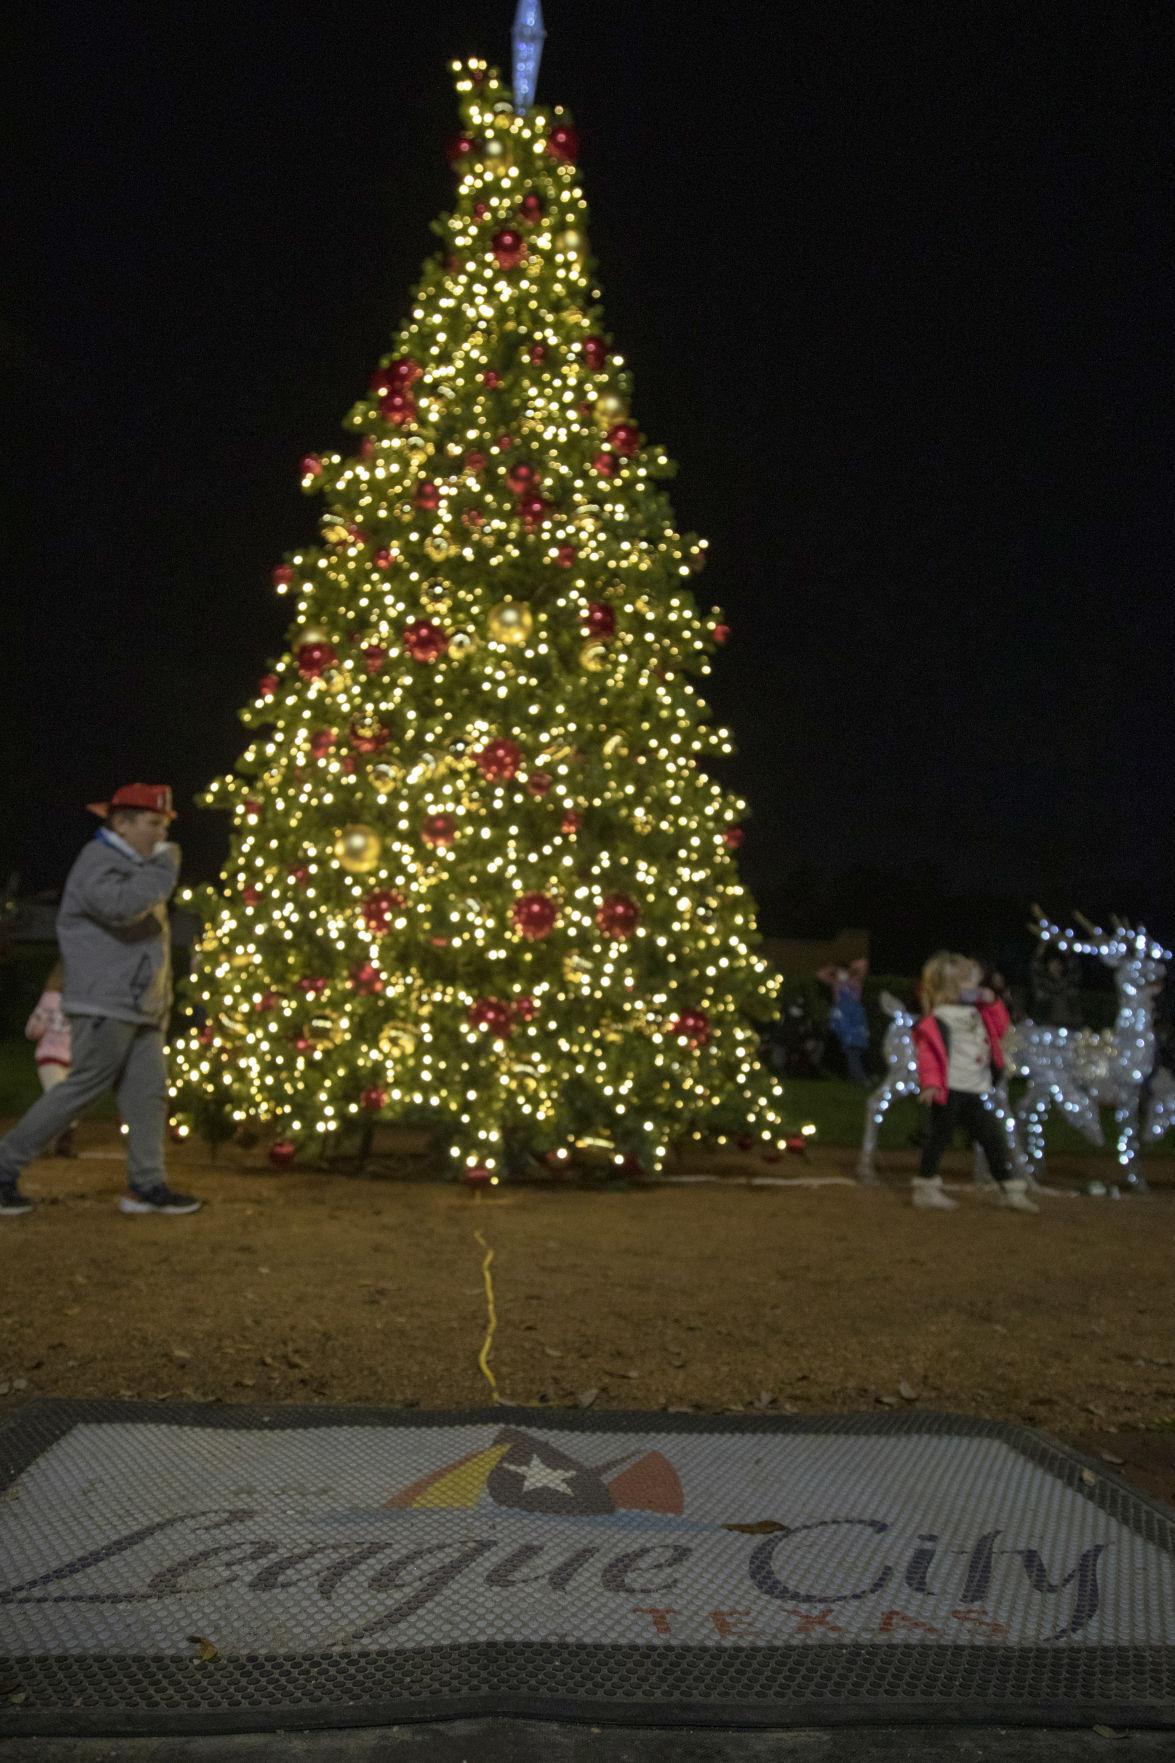 201130-new-lc-treelighting-01